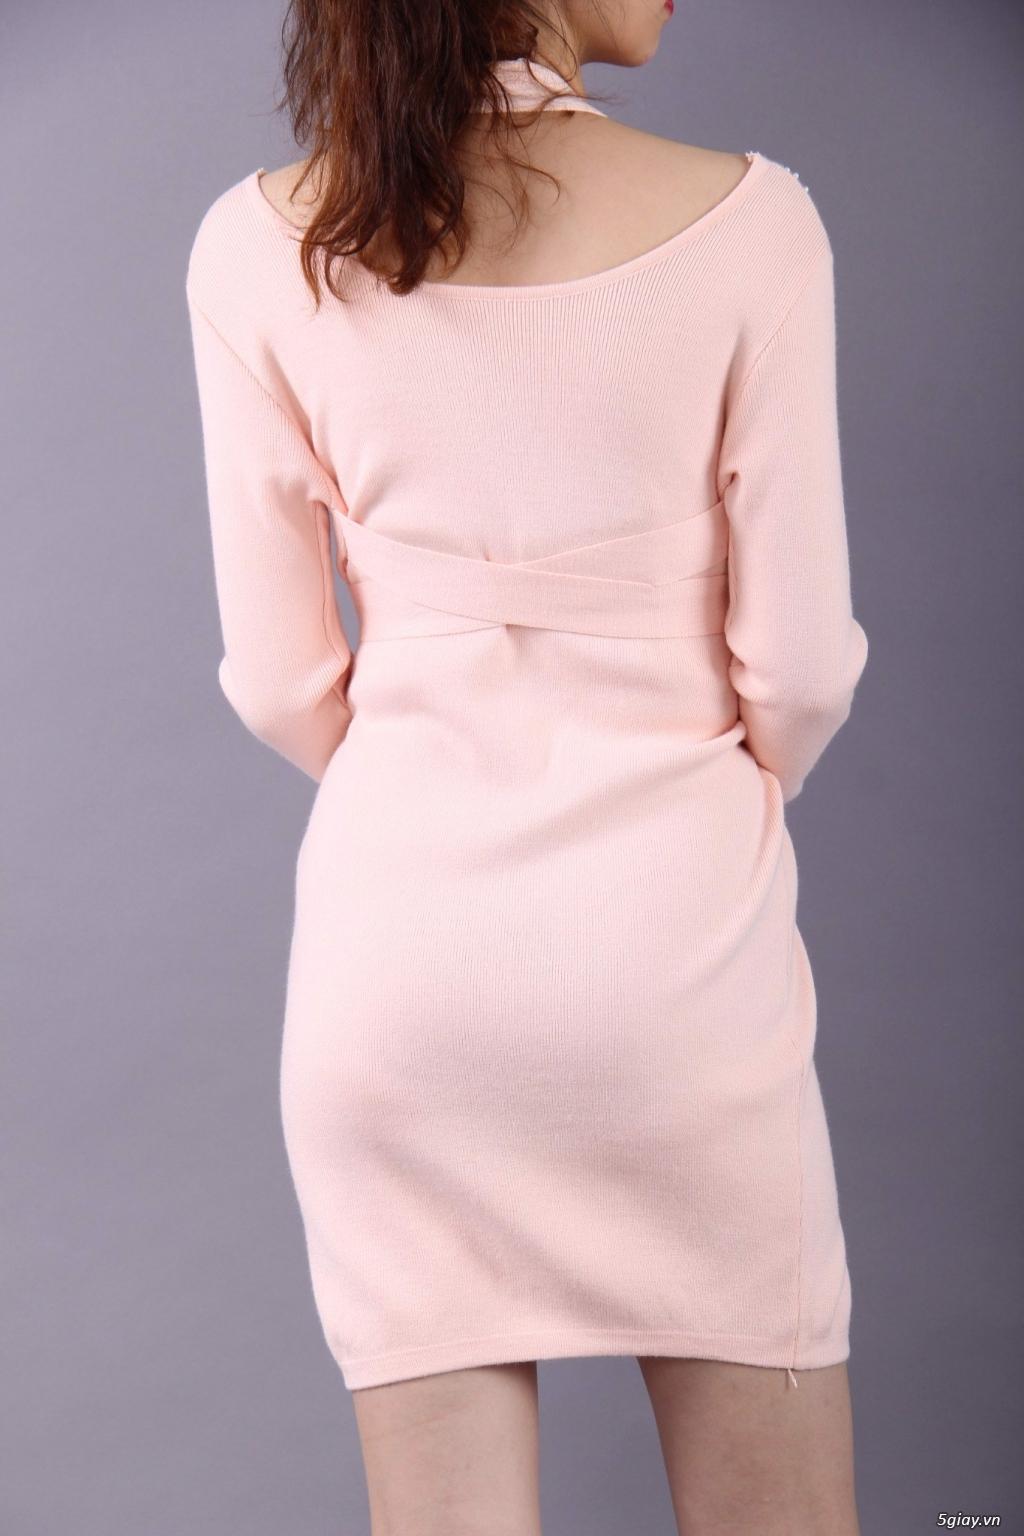 Wal House Fashion - Thiết kế chuyên nghiệp - SP Đa dạng - 42